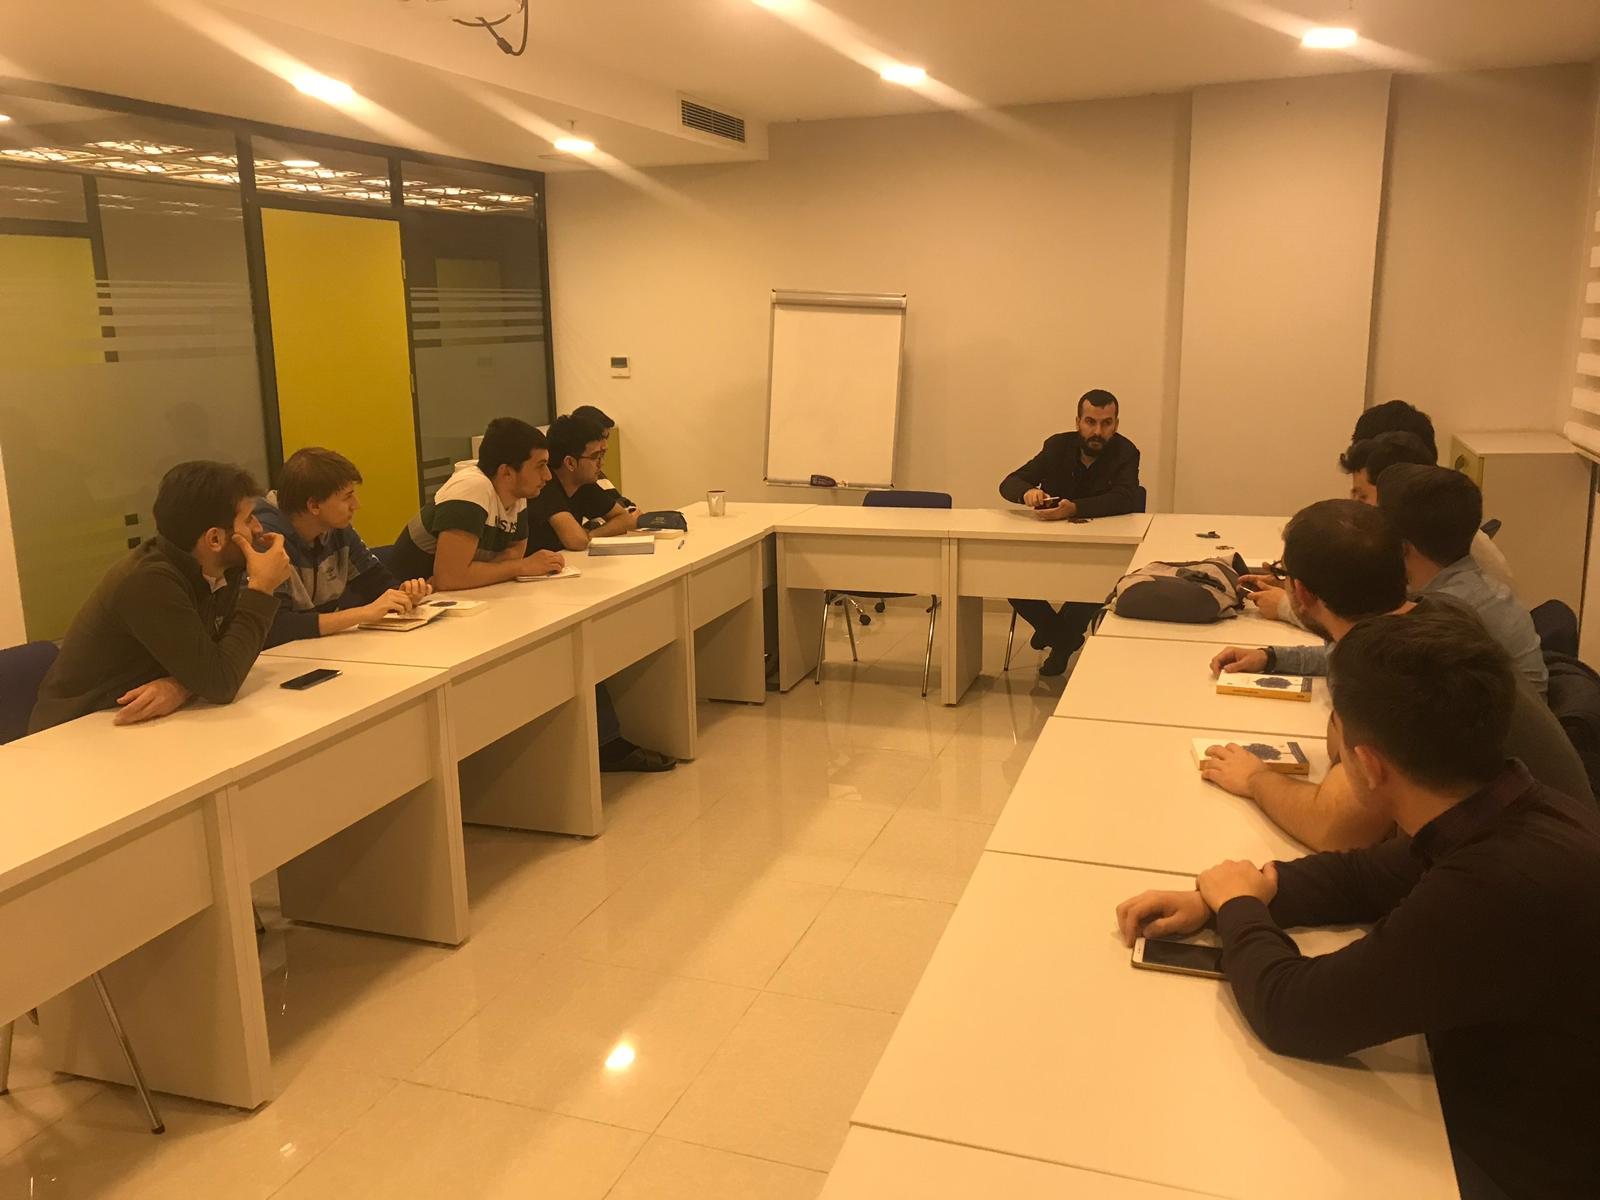 2018-19 Dönemi Akademi 4 Fakülte Eğitimleri Başladı... - Haberler - İKEV - İlim Kültür ve Eğitim Vakfı